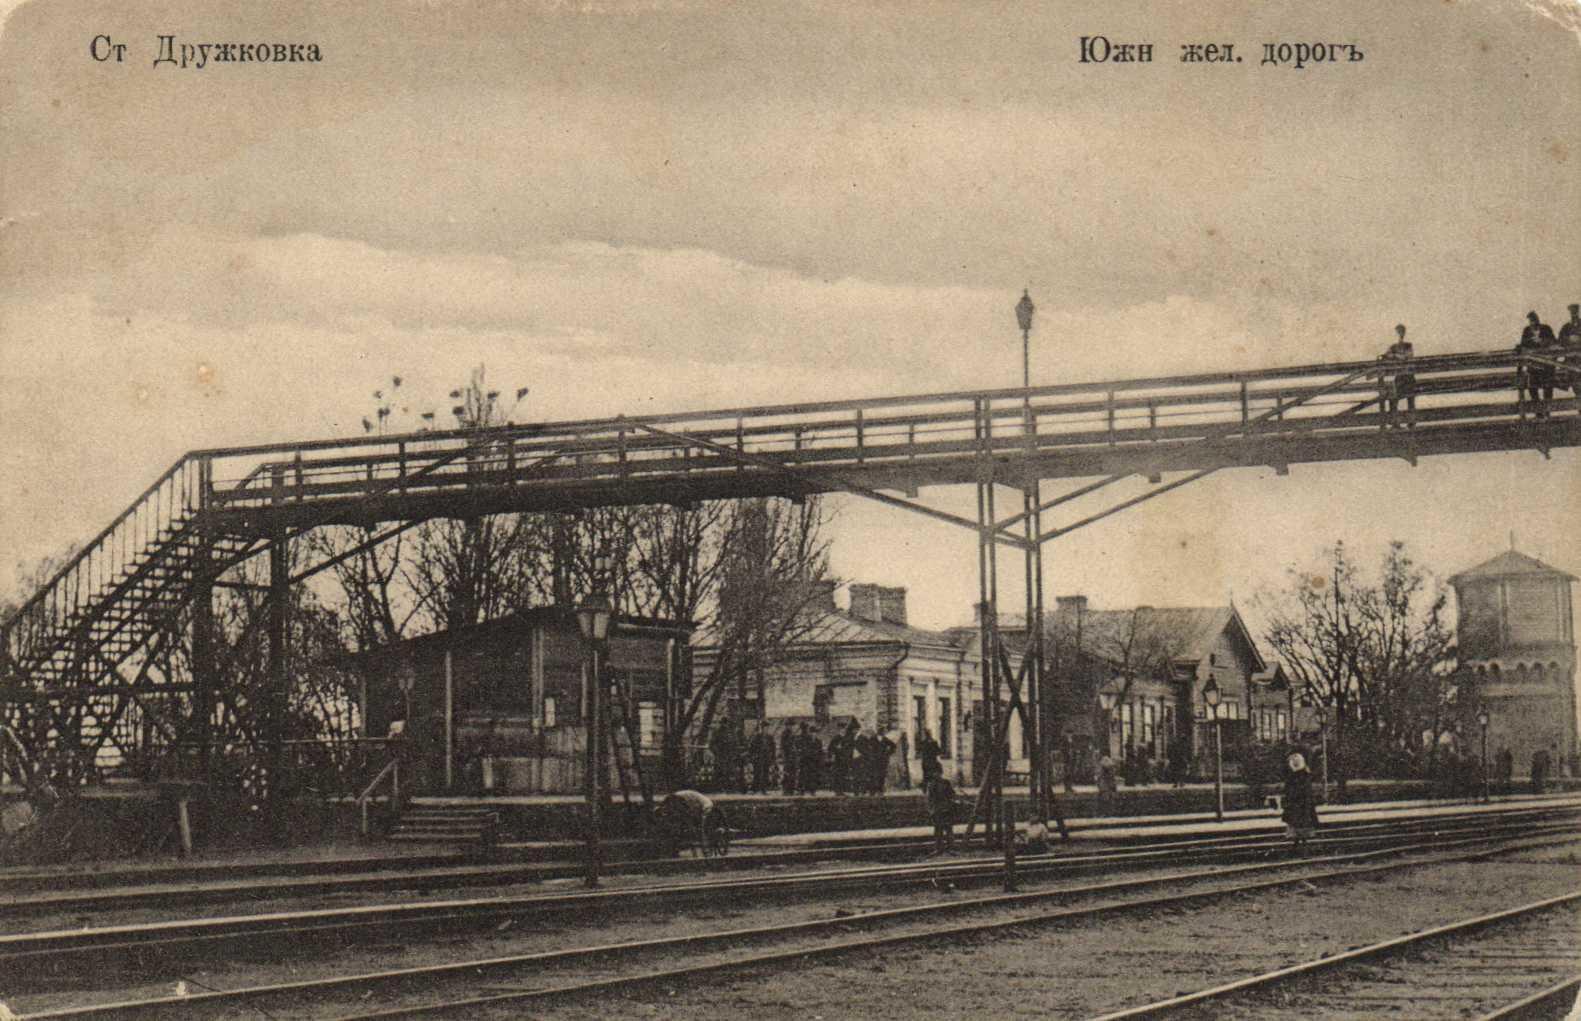 Железнодорожная станция в Дружковке на Донетчине